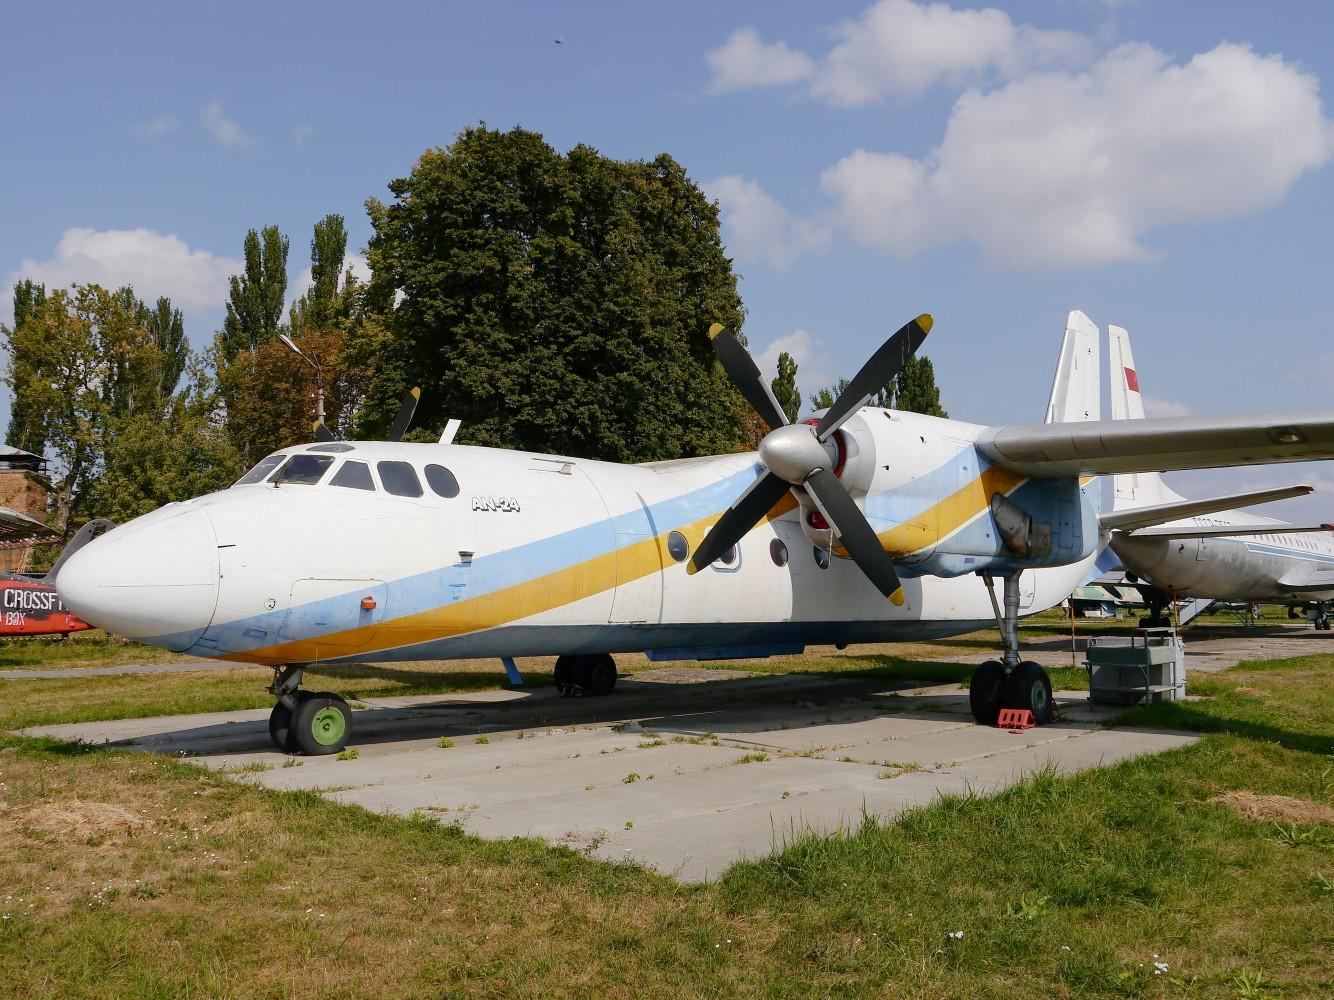 Kliknij obrazek, aby uzyskać większą wersję  Nazwa:An-24B.jpg Wyświetleń:16 Rozmiar:392,1 KB ID:234618